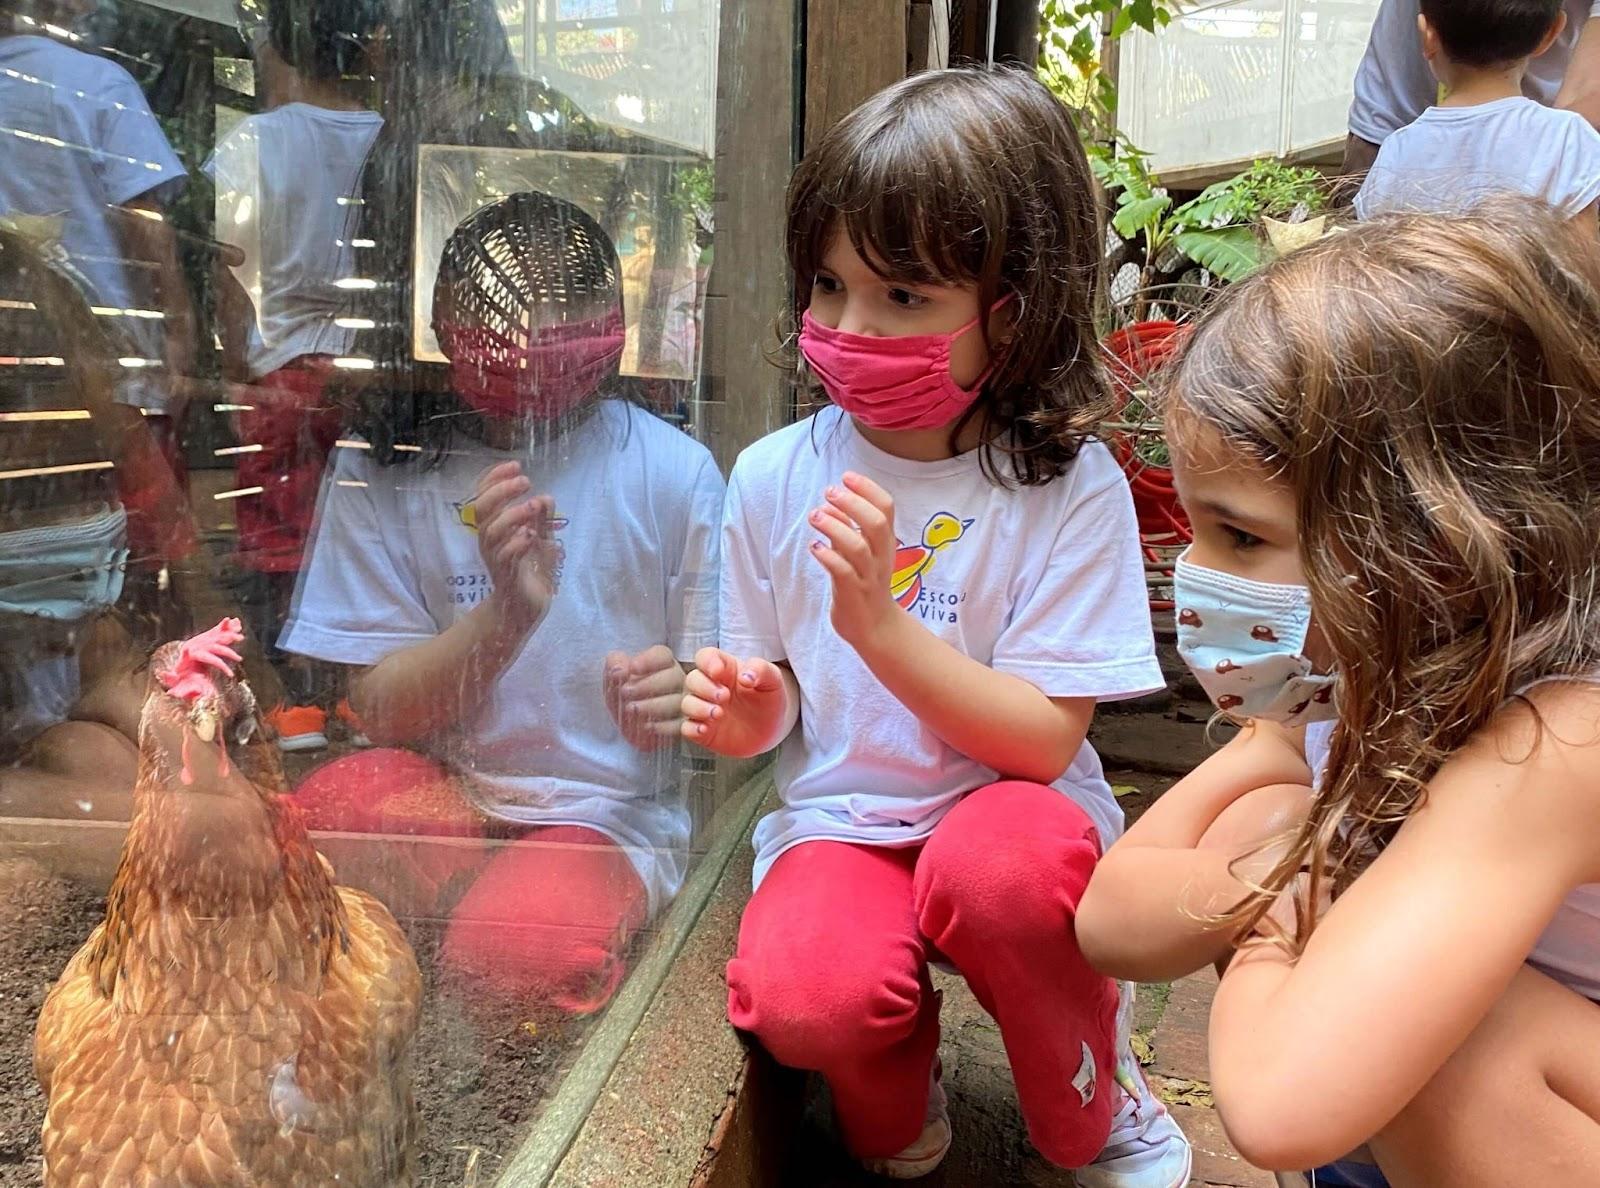 A imagem mostra duas crianças observando uma galinha através de um vidro.